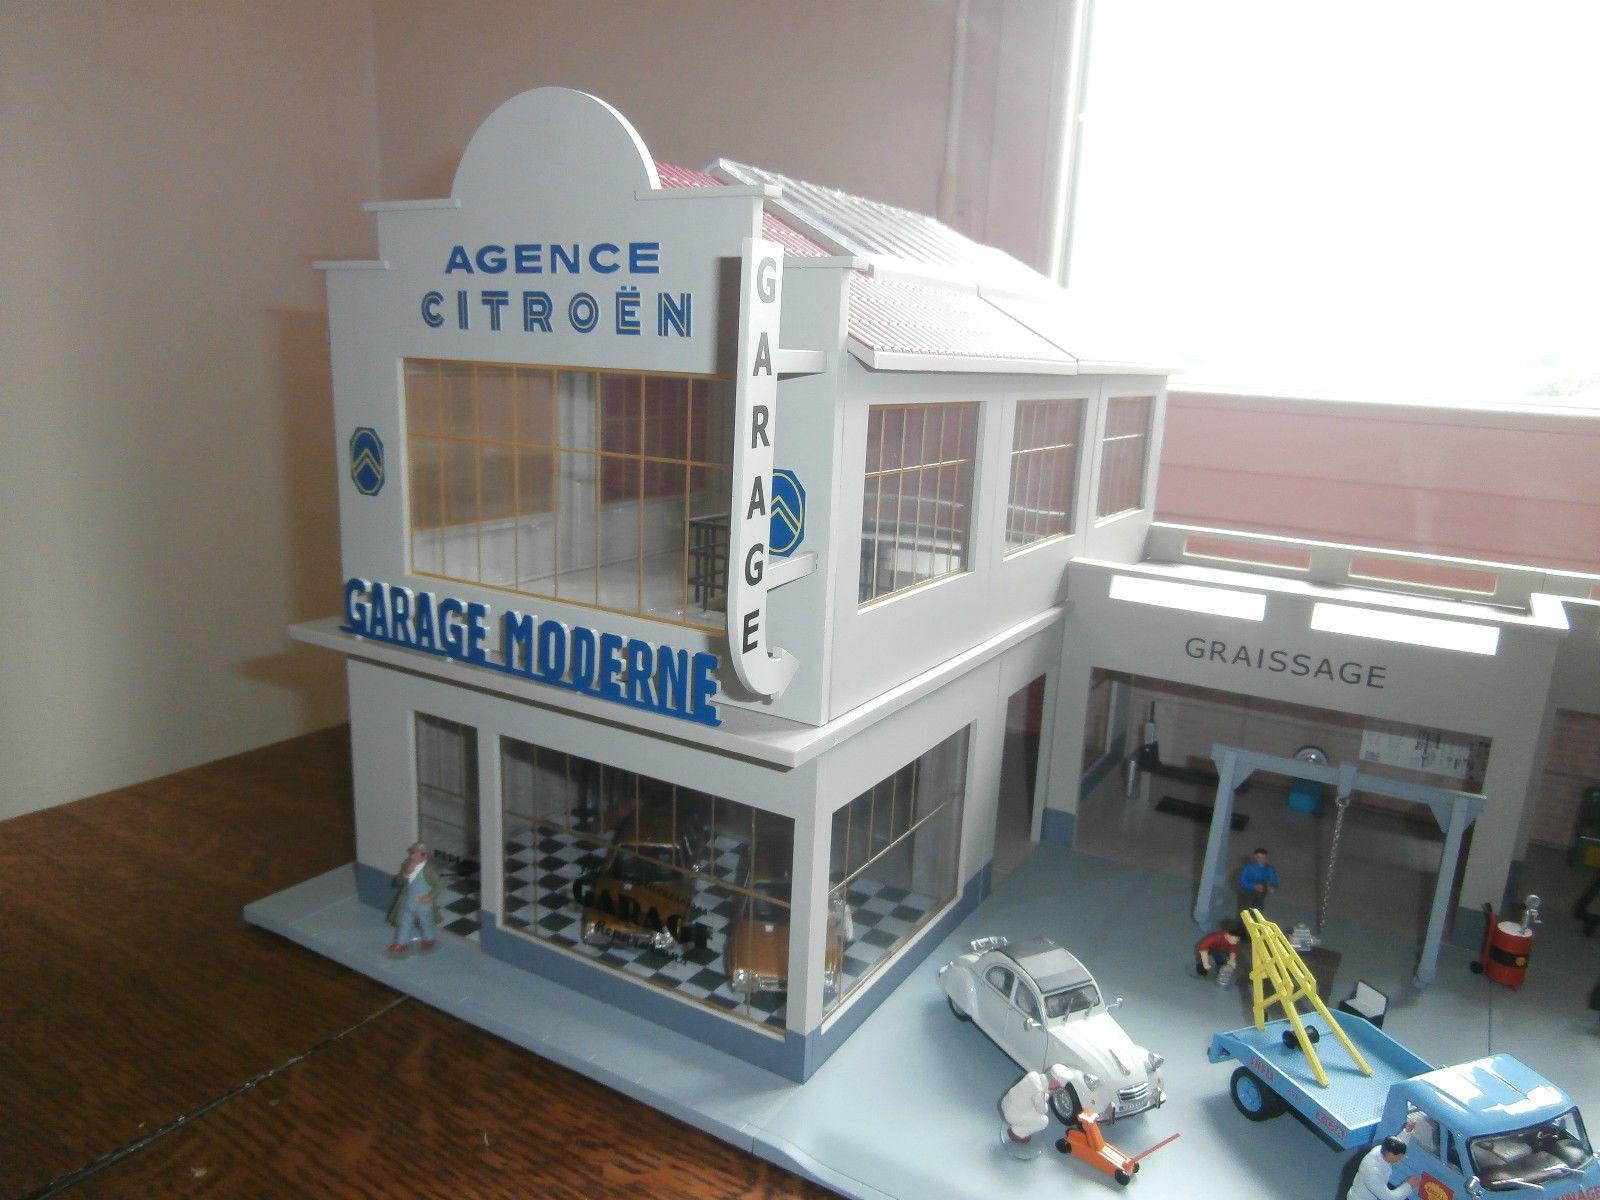 Garage shell agence citroen garage moderne 1 43e ebay for Garage citroen melle 79